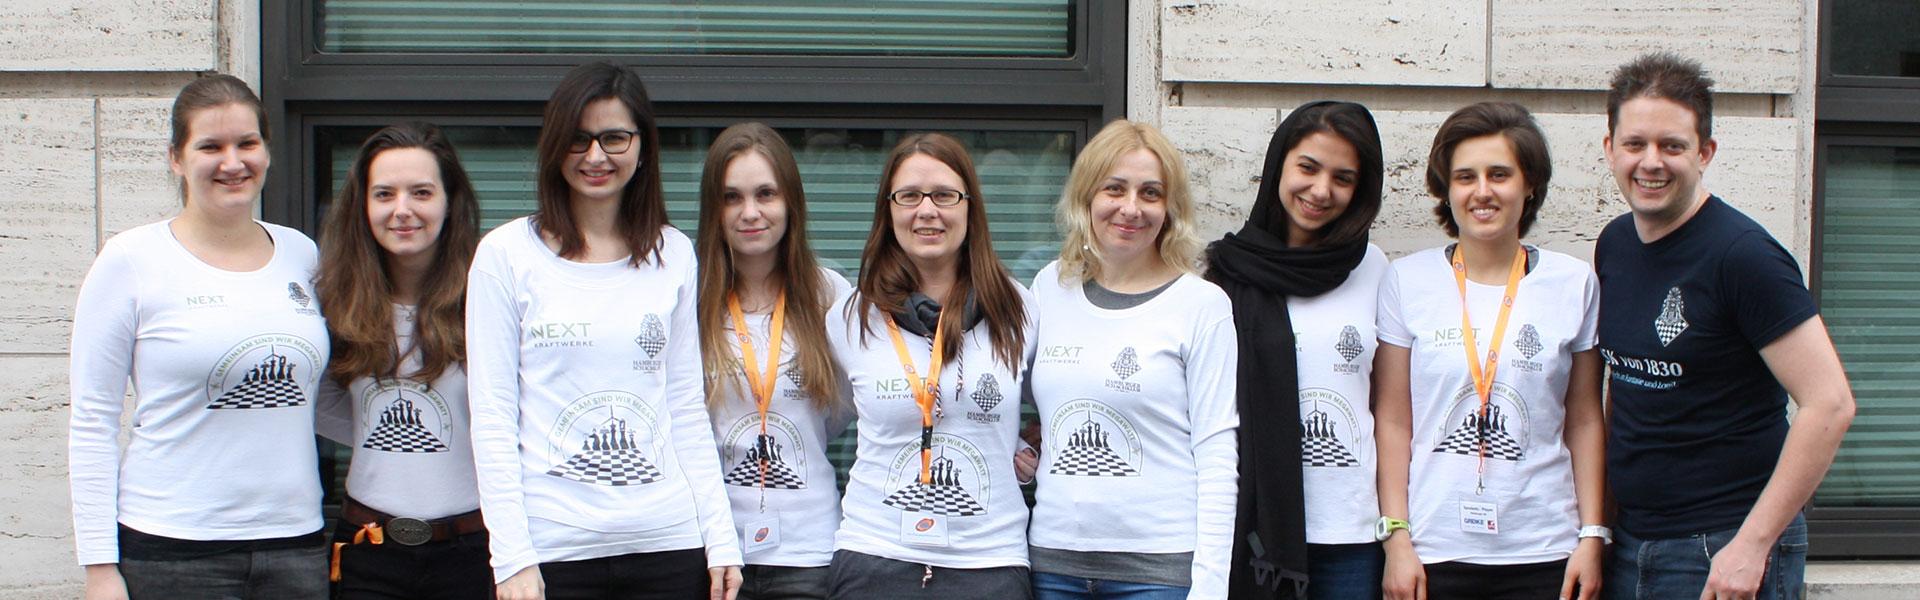 Die Frauenbundesligamannschaft des HSK